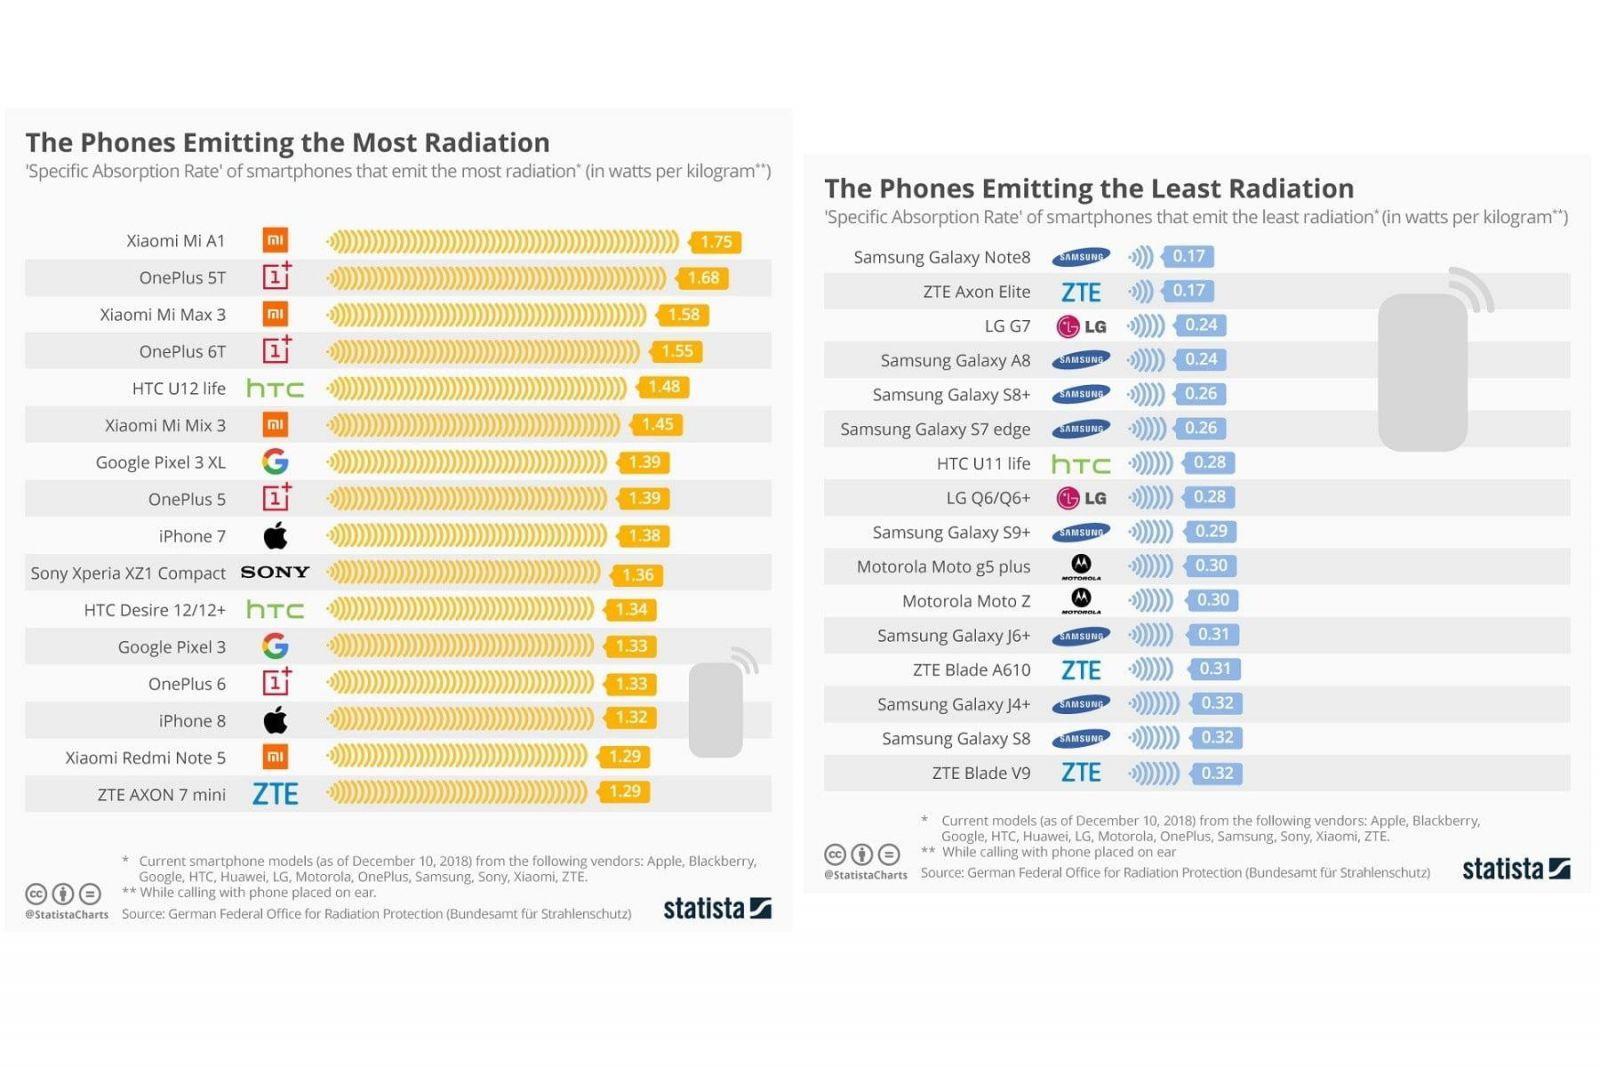 Исследование: у Xiaomi Mi A1 и OnePlus 5T самый высокий уровень излучения